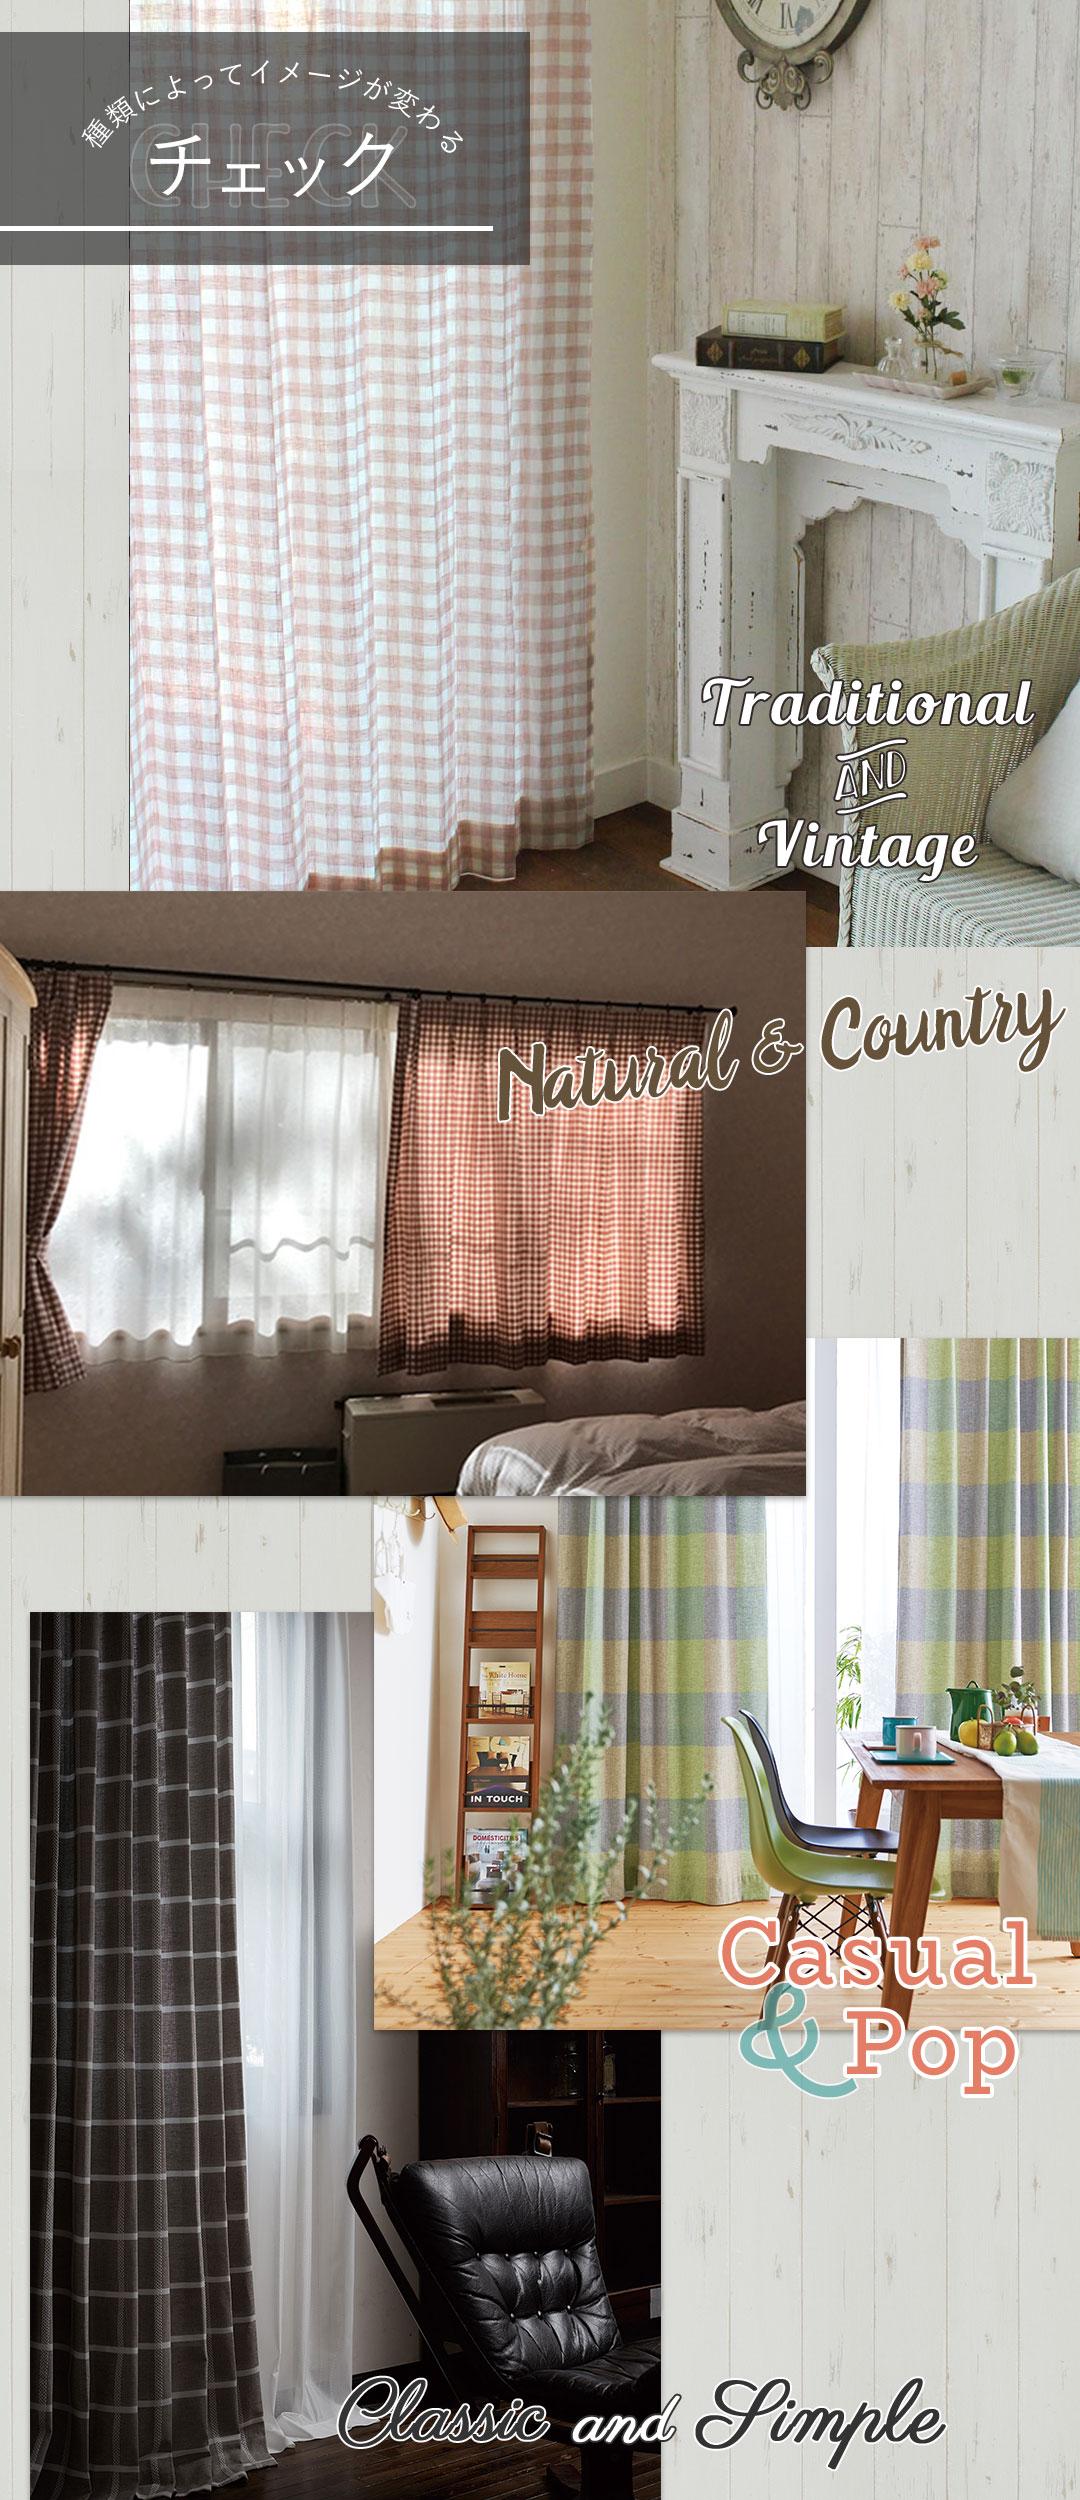 チェック柄のカーテンはカジュアルで合わせやすい定番柄